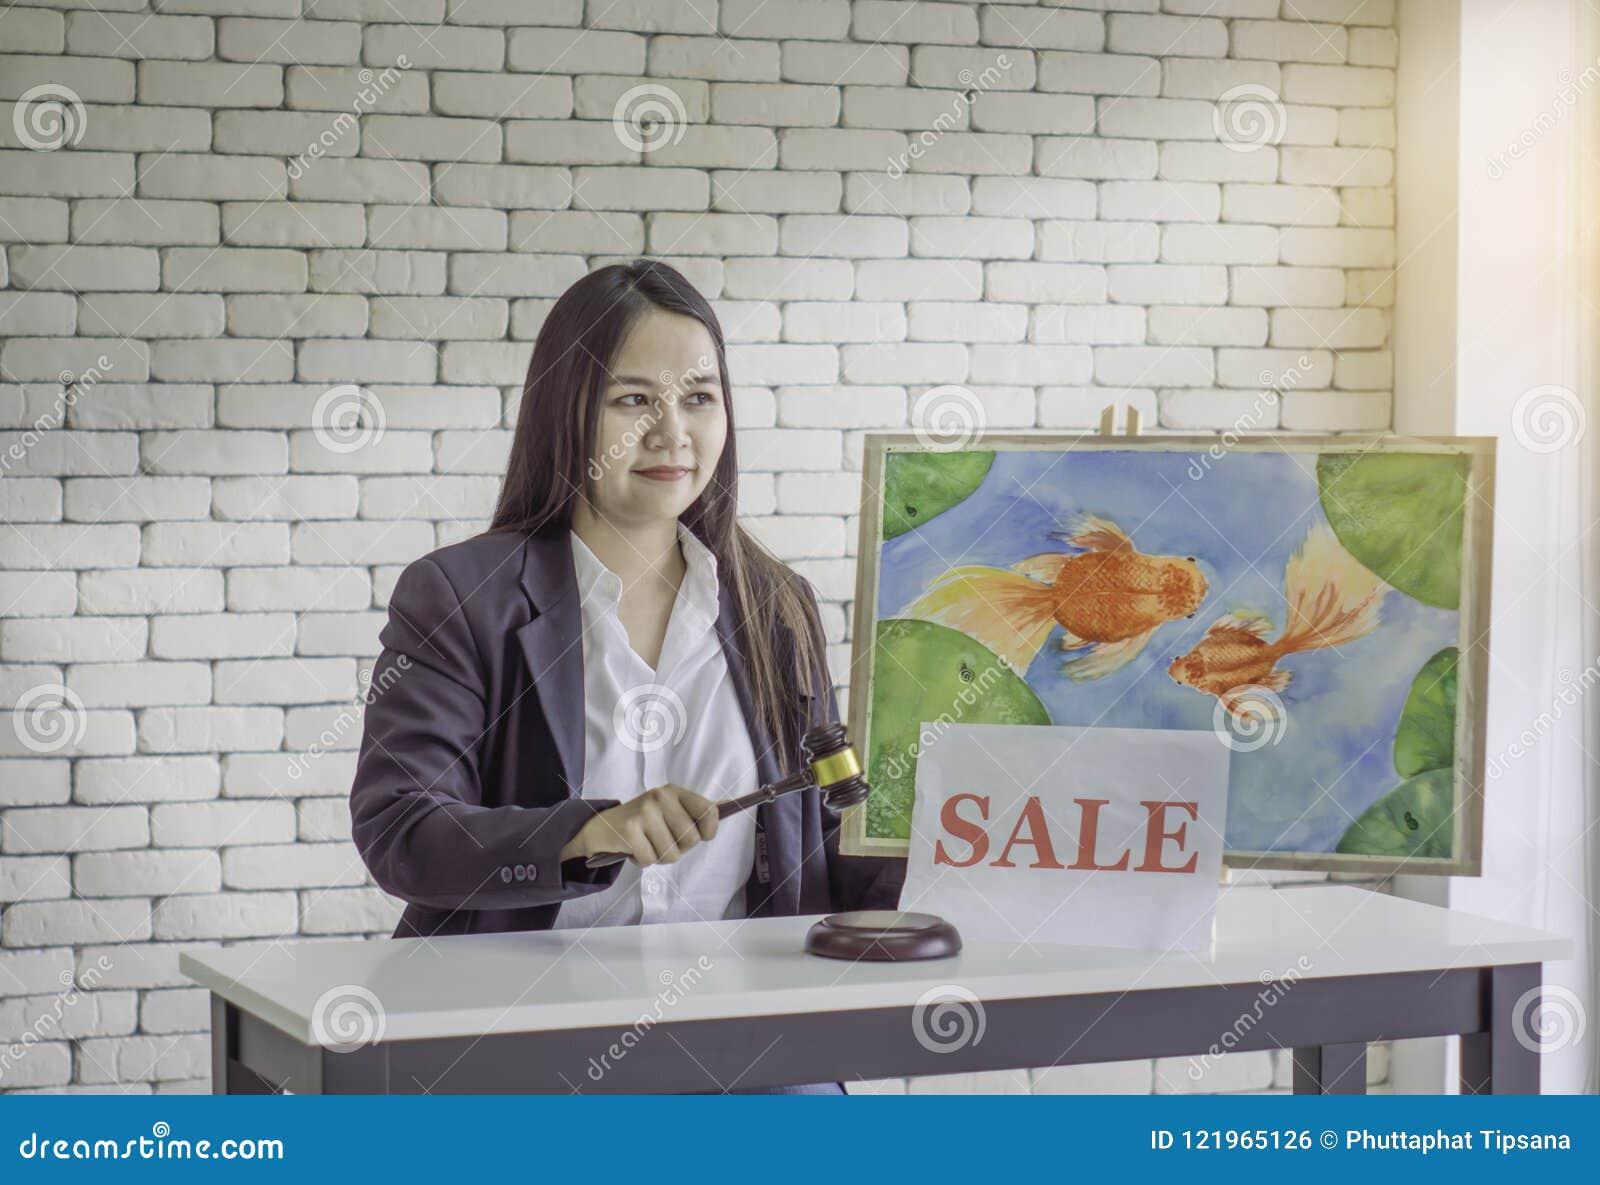 Female Auction Control, Hammer Knock to Goldfish Photo Auction, White Brick Background